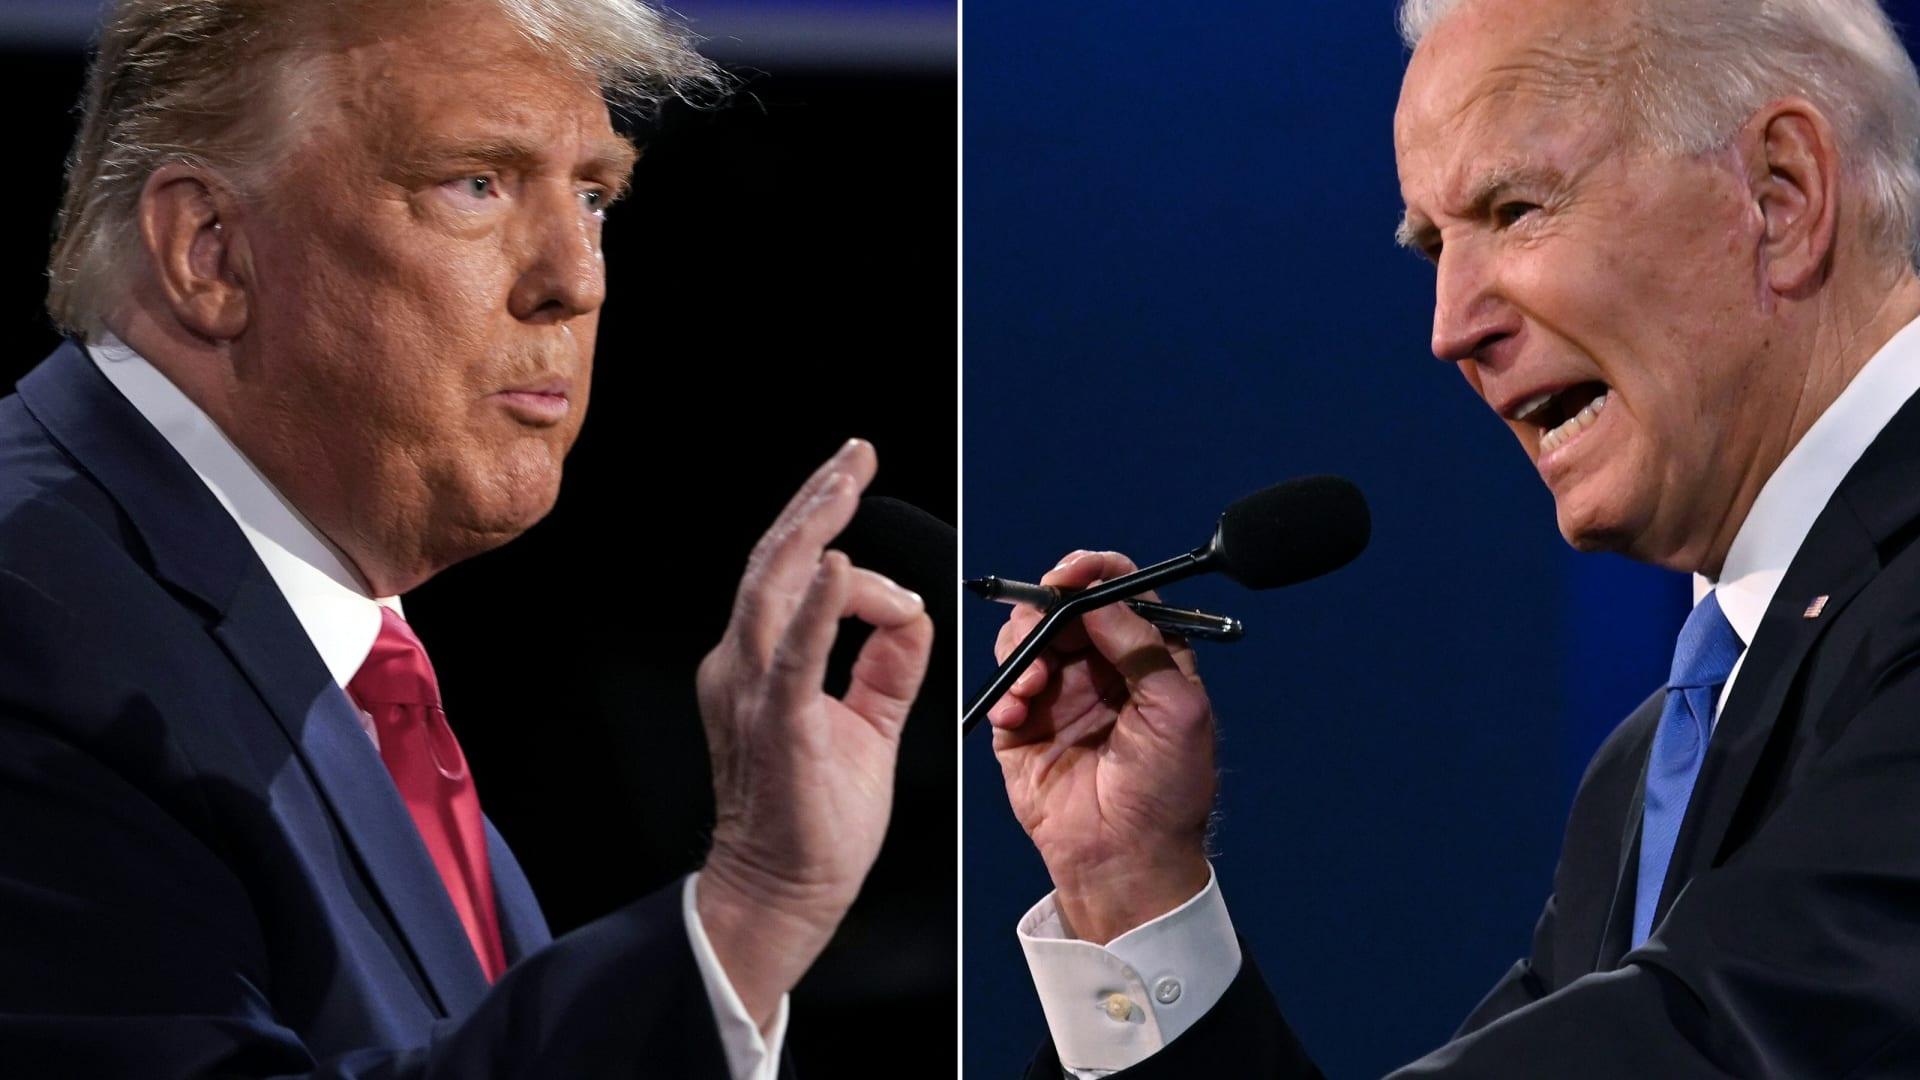 ما هي الولاية التي قد تحسم الانتخابات بين ترامب وبايدن.. ولماذا؟